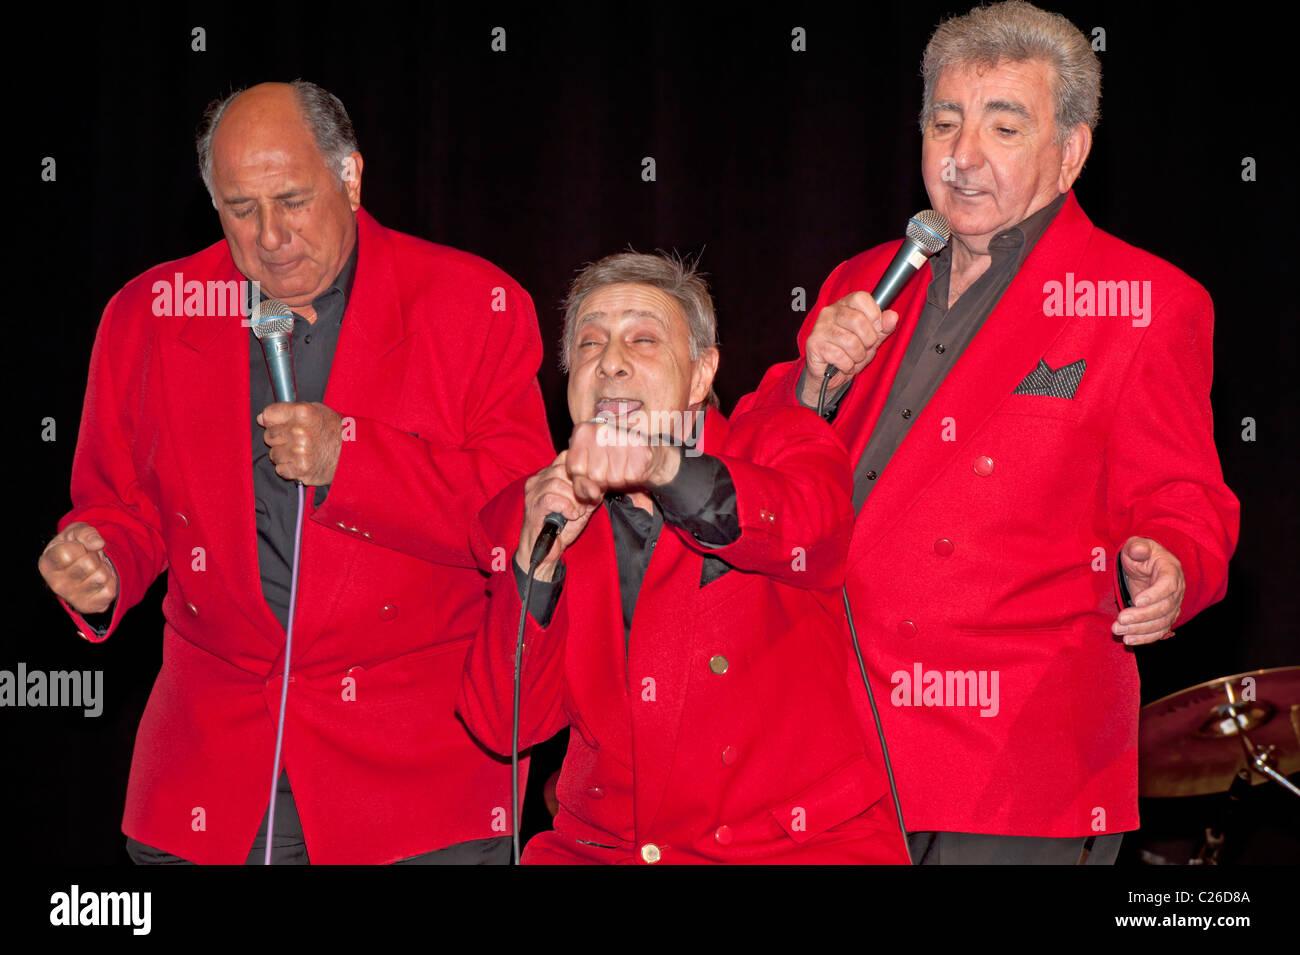 APRIL 2, 2011 - BELLMORE, NY: Danny and the Juniors (left to right) Bobby Maffei, Frank Maffei, and Joe Terry, Doo - Stock Image